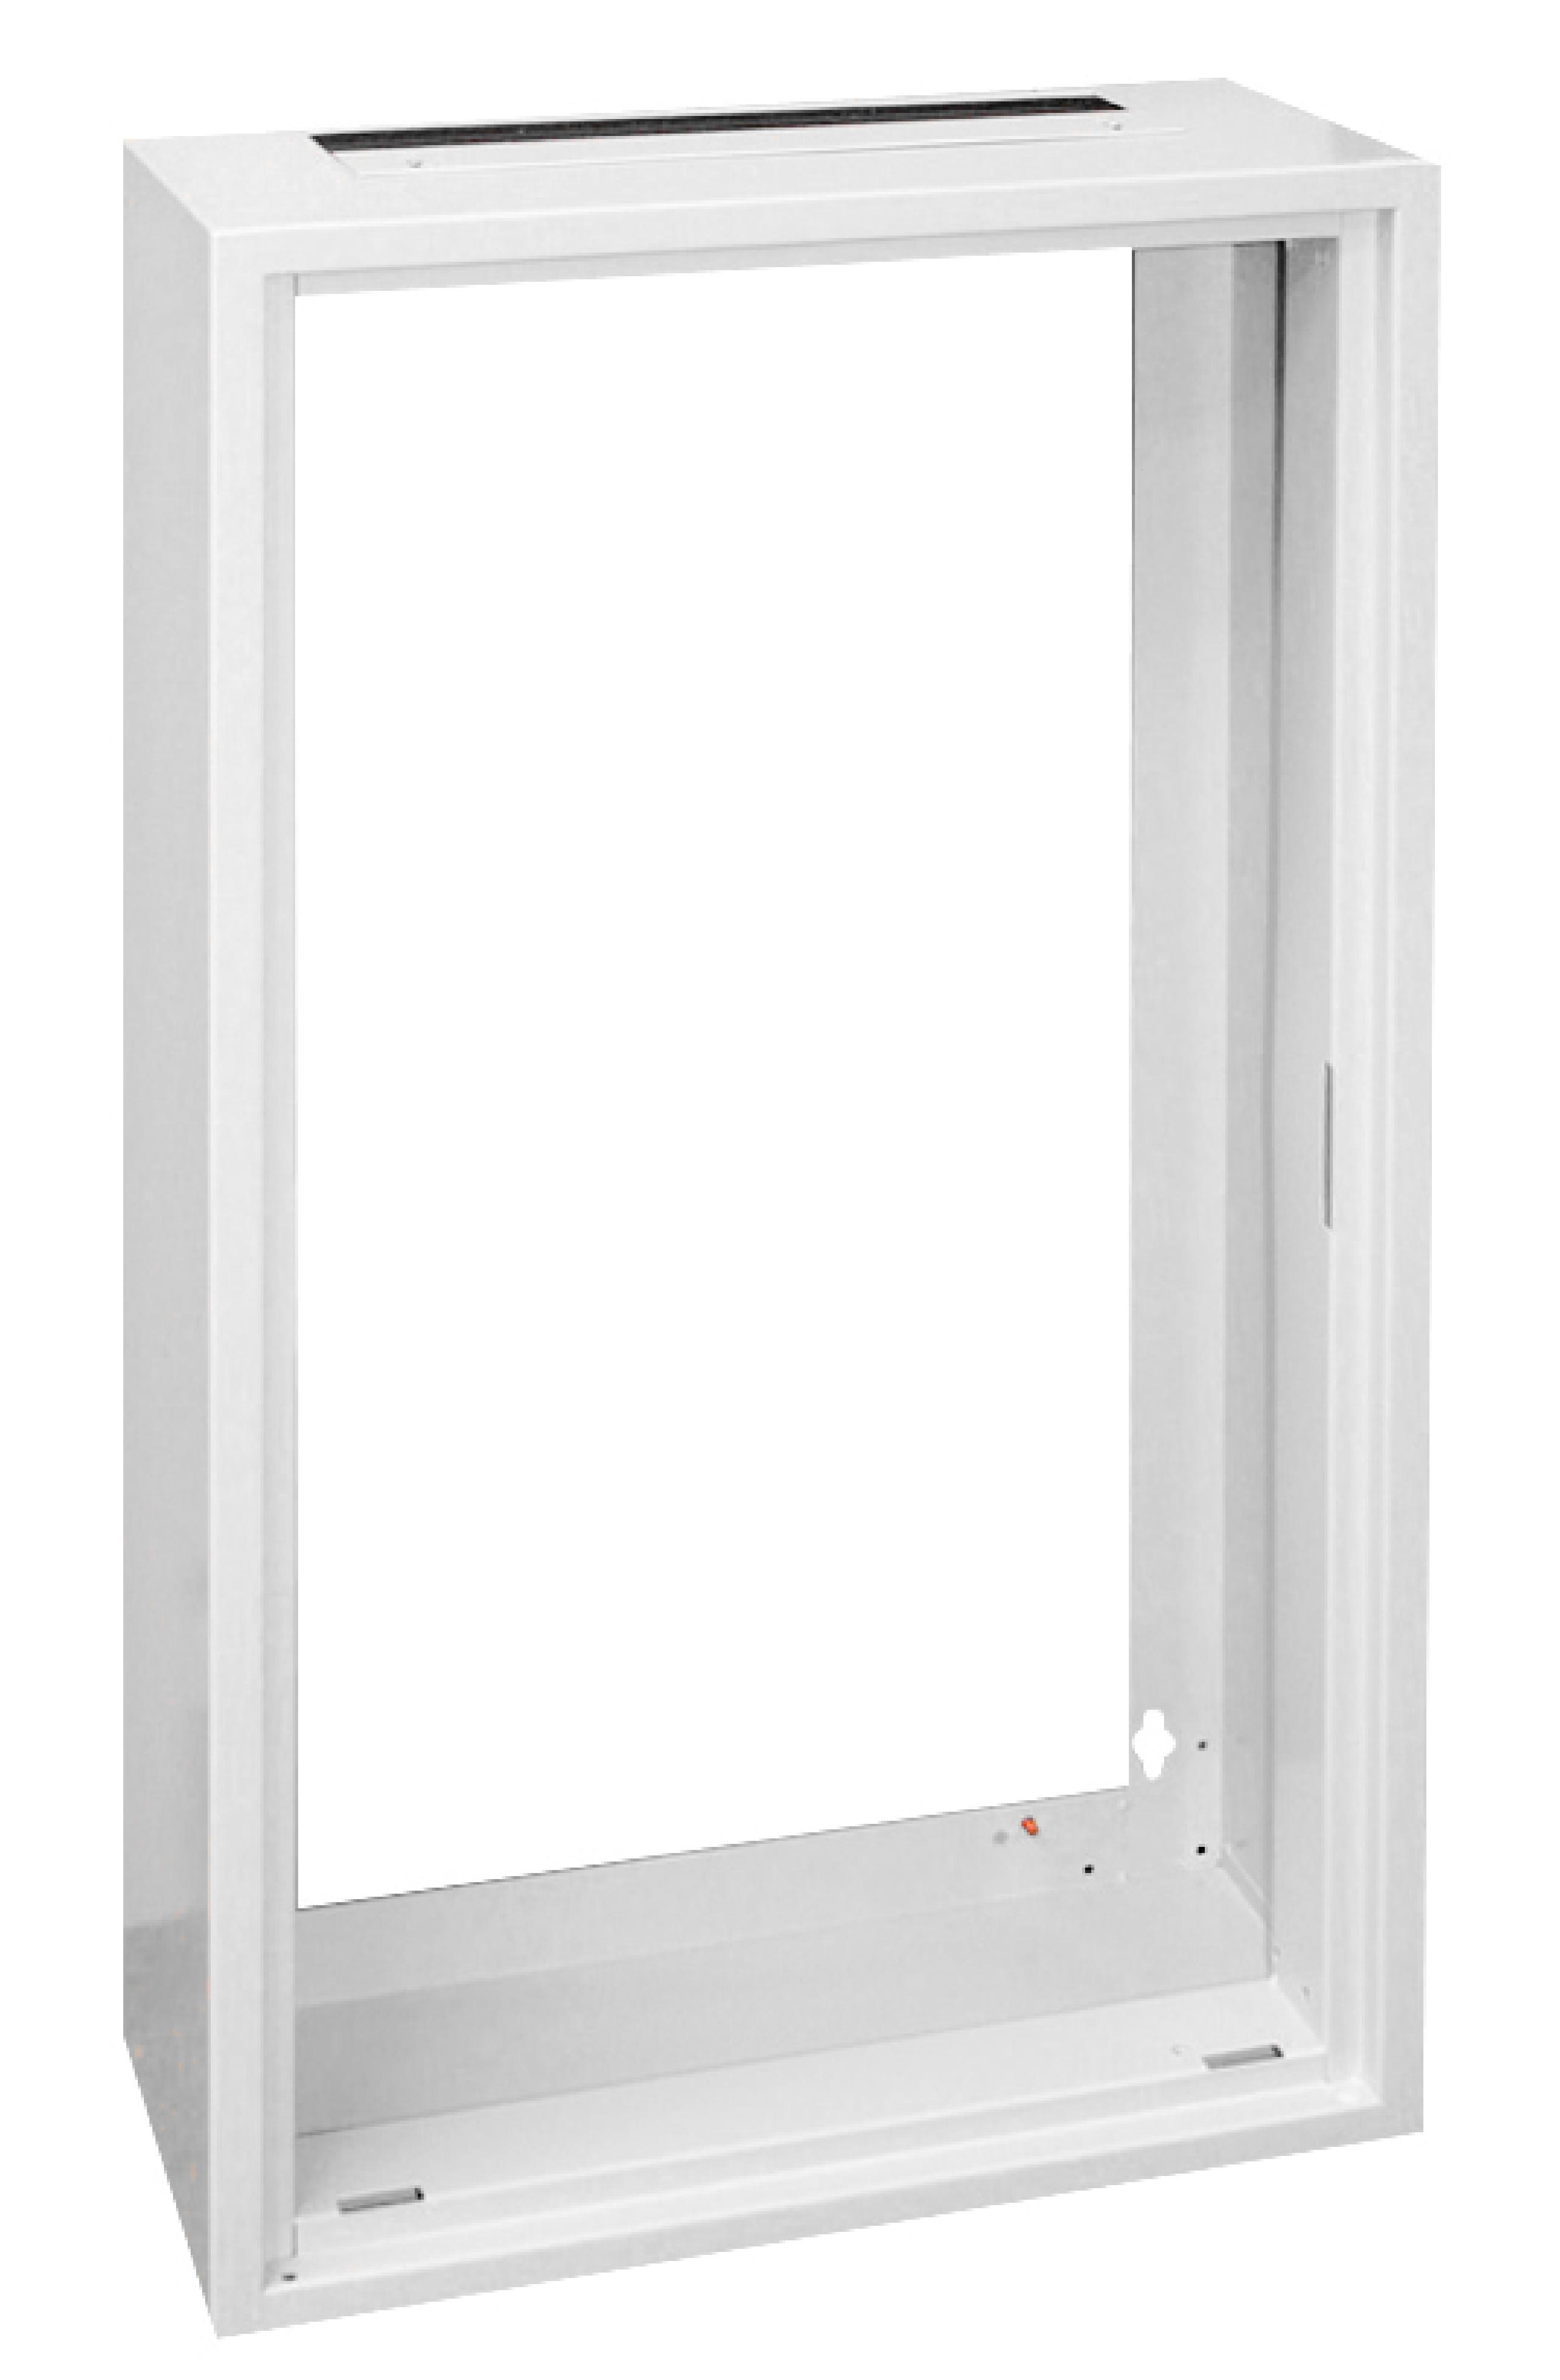 1 Stk AP-Rahmen ohne Türe und Rückwand 4A-24, H1195B1030T250mm IL001424-F